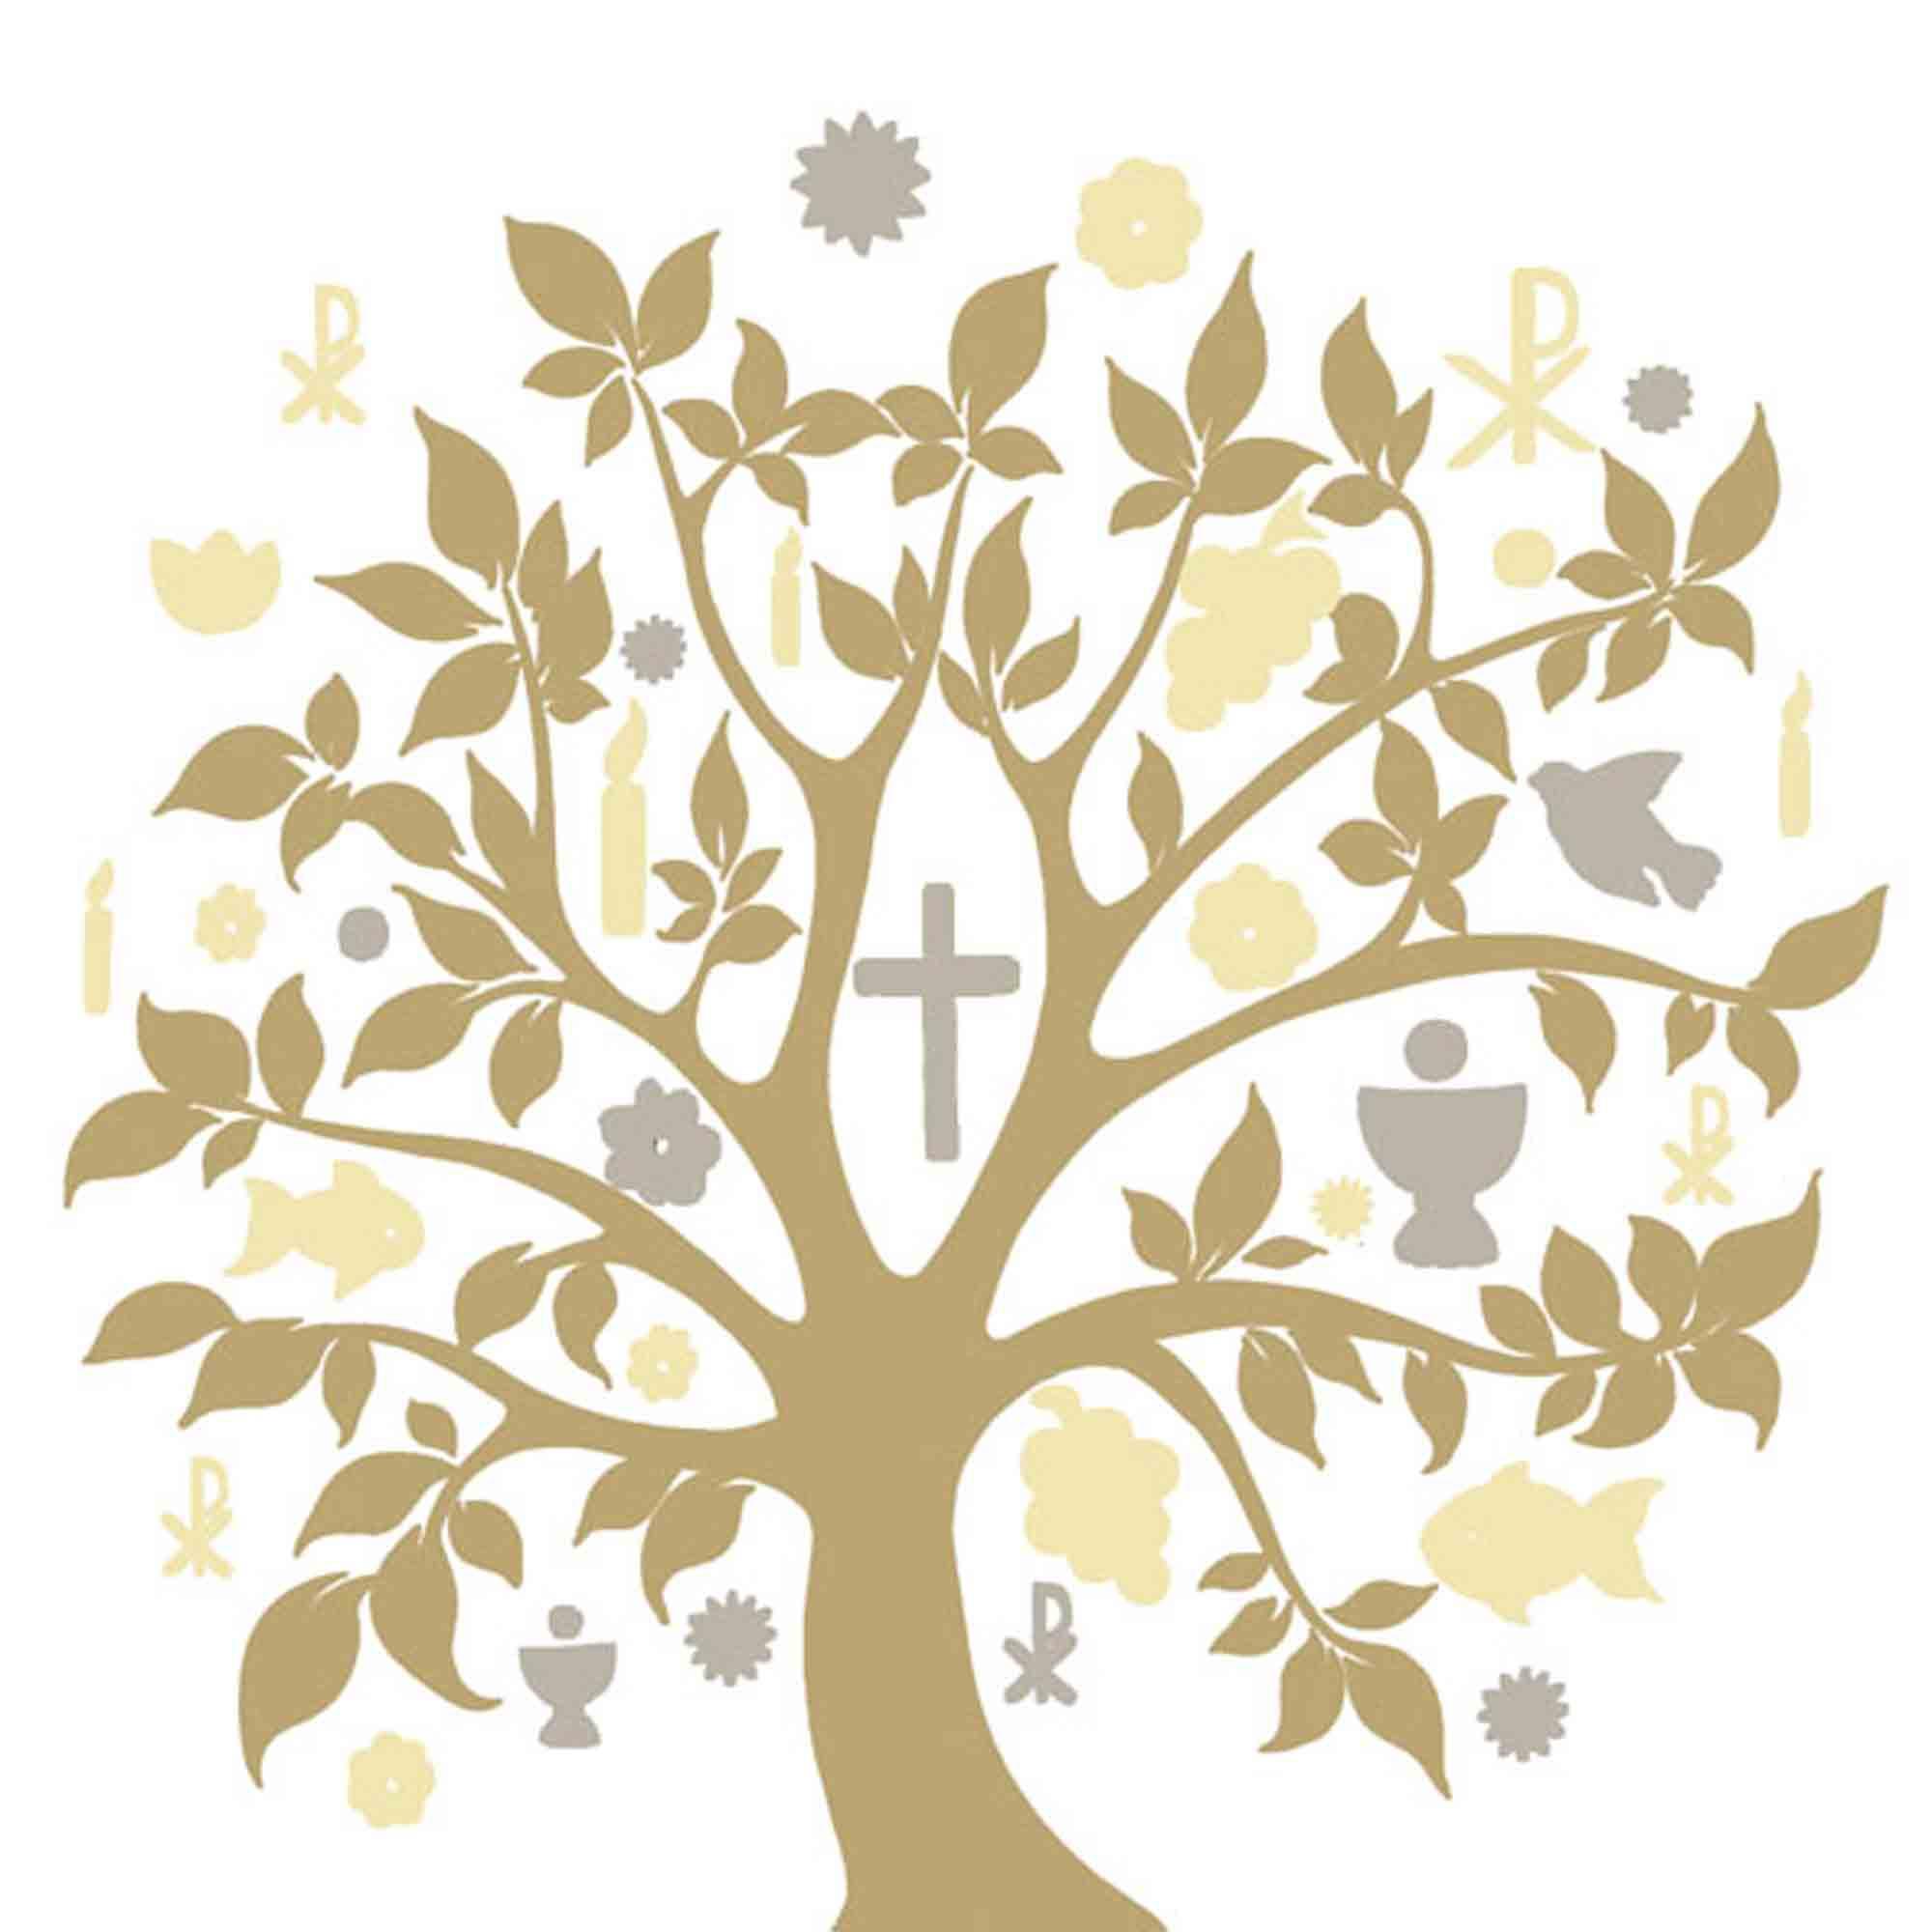 Servietten Kommunion Konfirmation Taufe 3-lagig 20Stück 33x33cm #Neu #Tischdeko